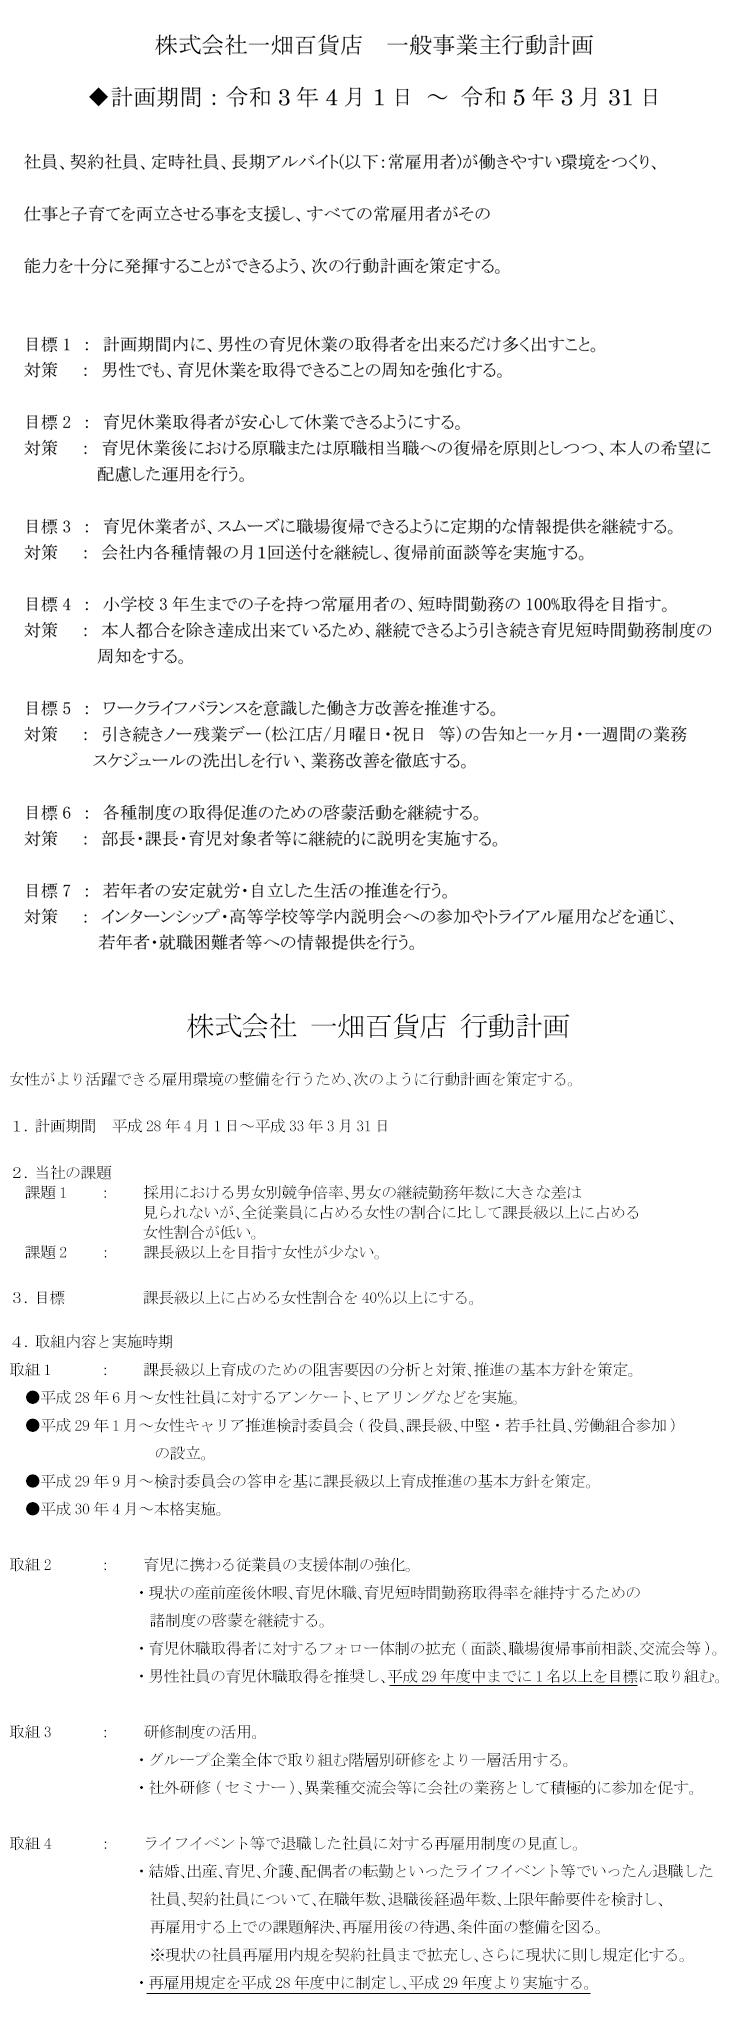 action_plan_20210401